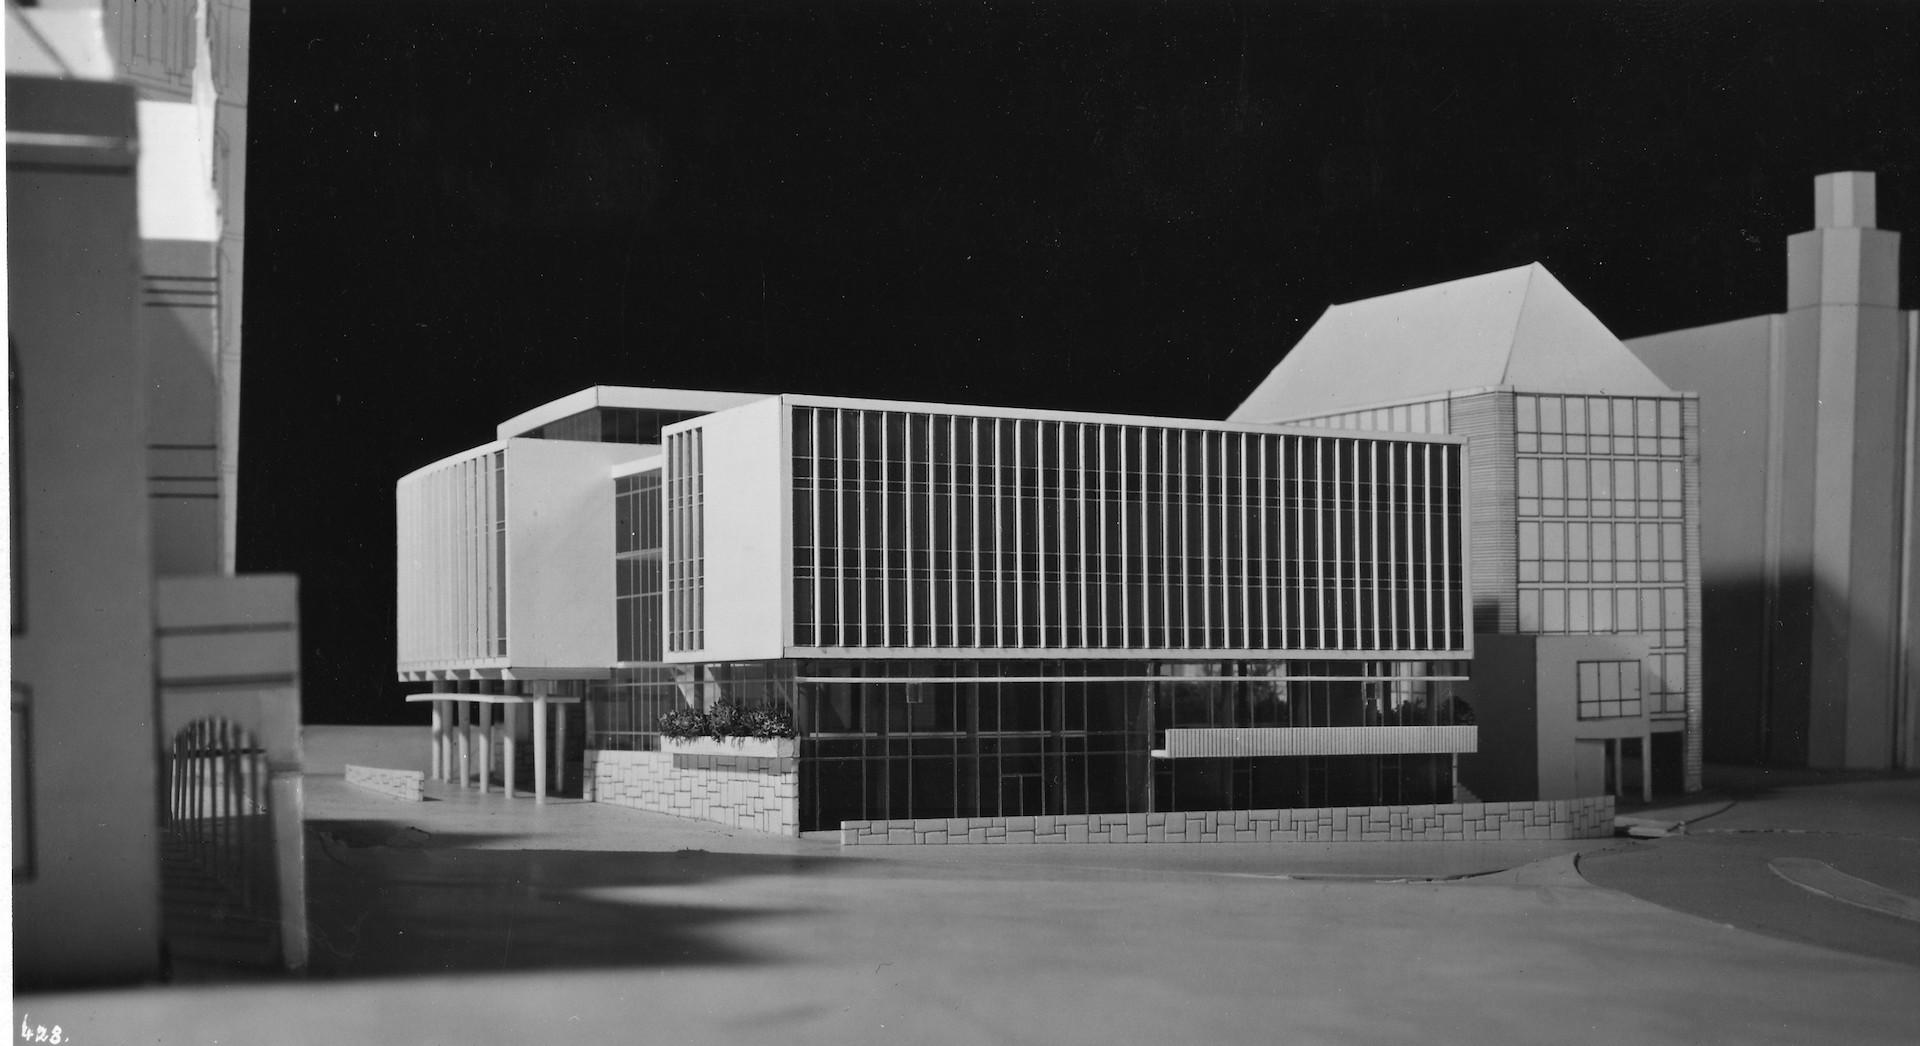 Kompromisslos modern: der erste Entwurf von Wassili Luckhardt. Quelle: Bremer Zentrum für Baukultur